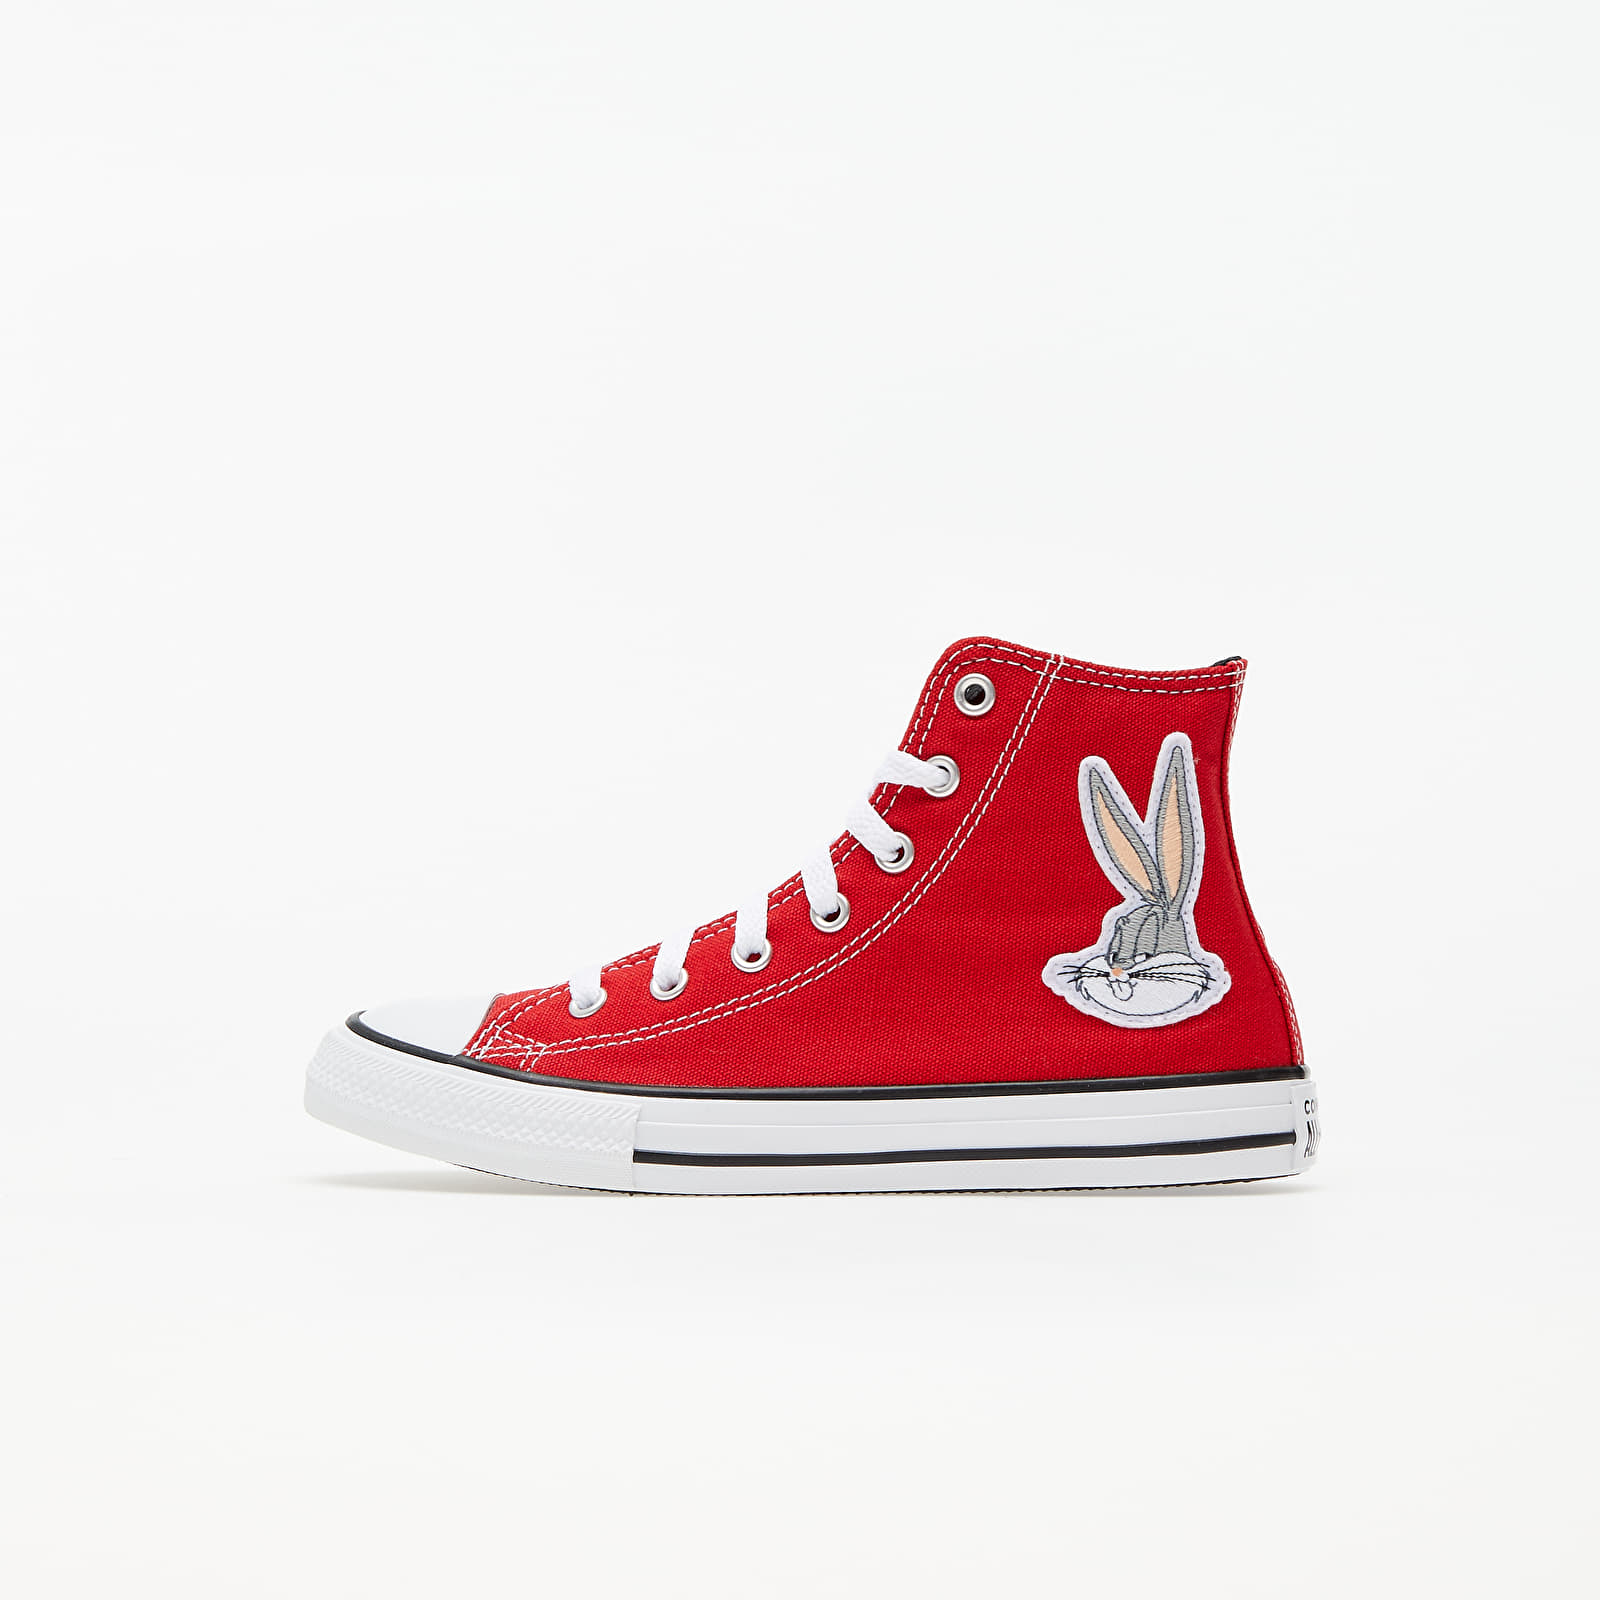 Dětské tenisky a boty Converse x Bugs Bunny Chuck Taylor All Star Hi Red/ White